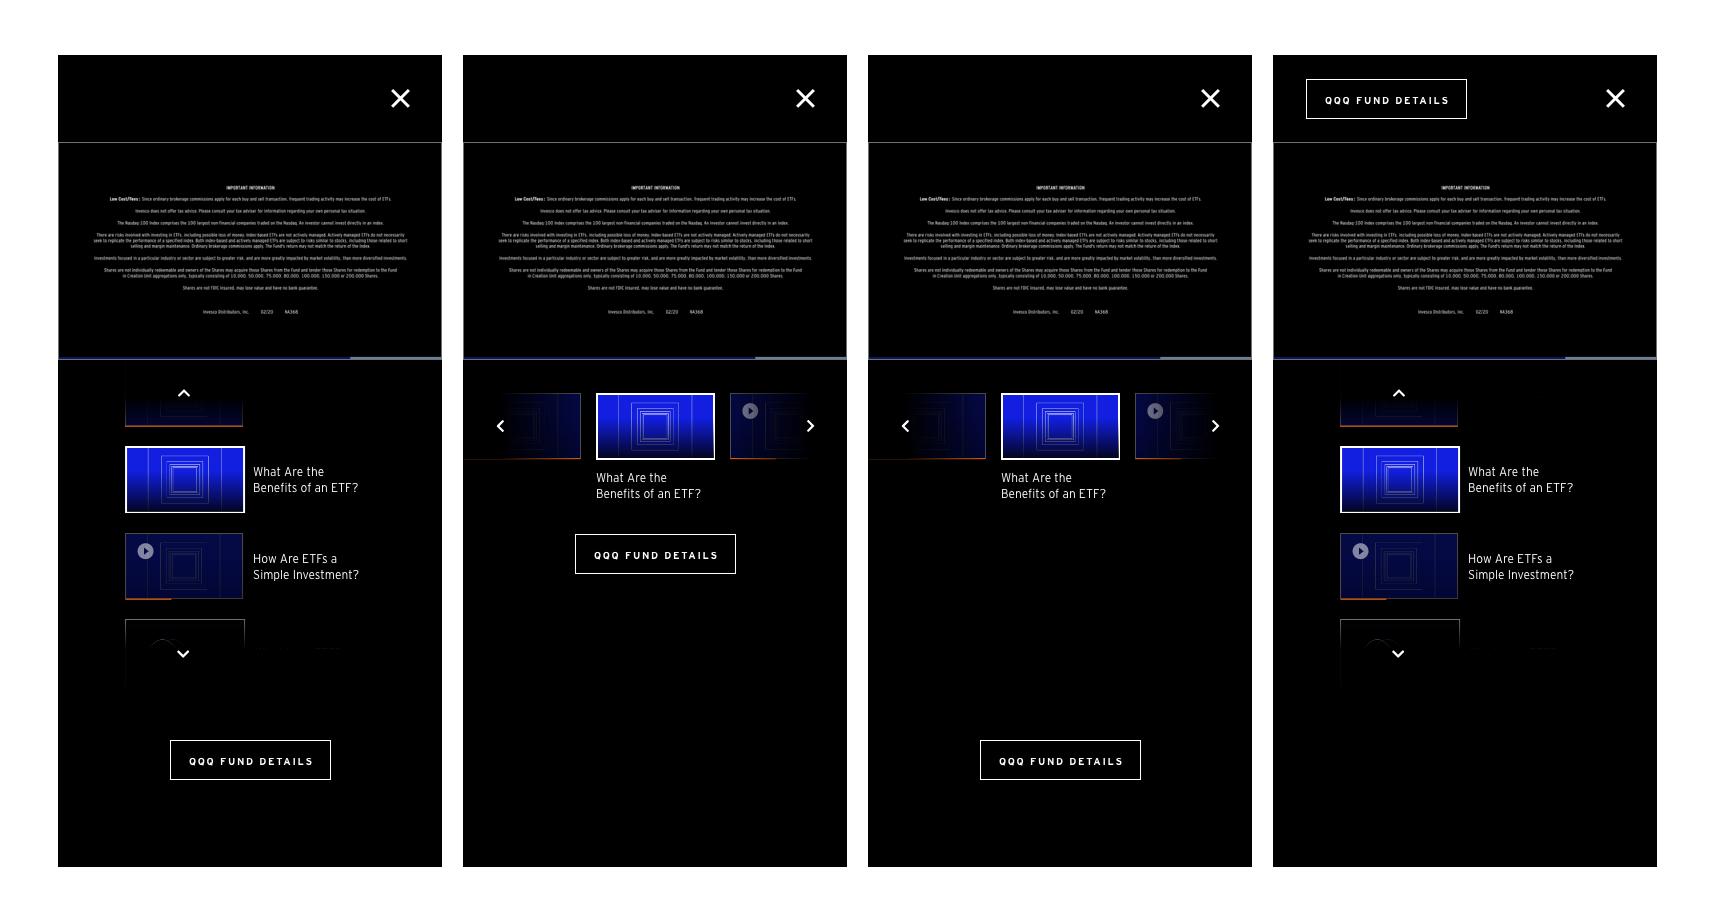 qqq video loop mobile